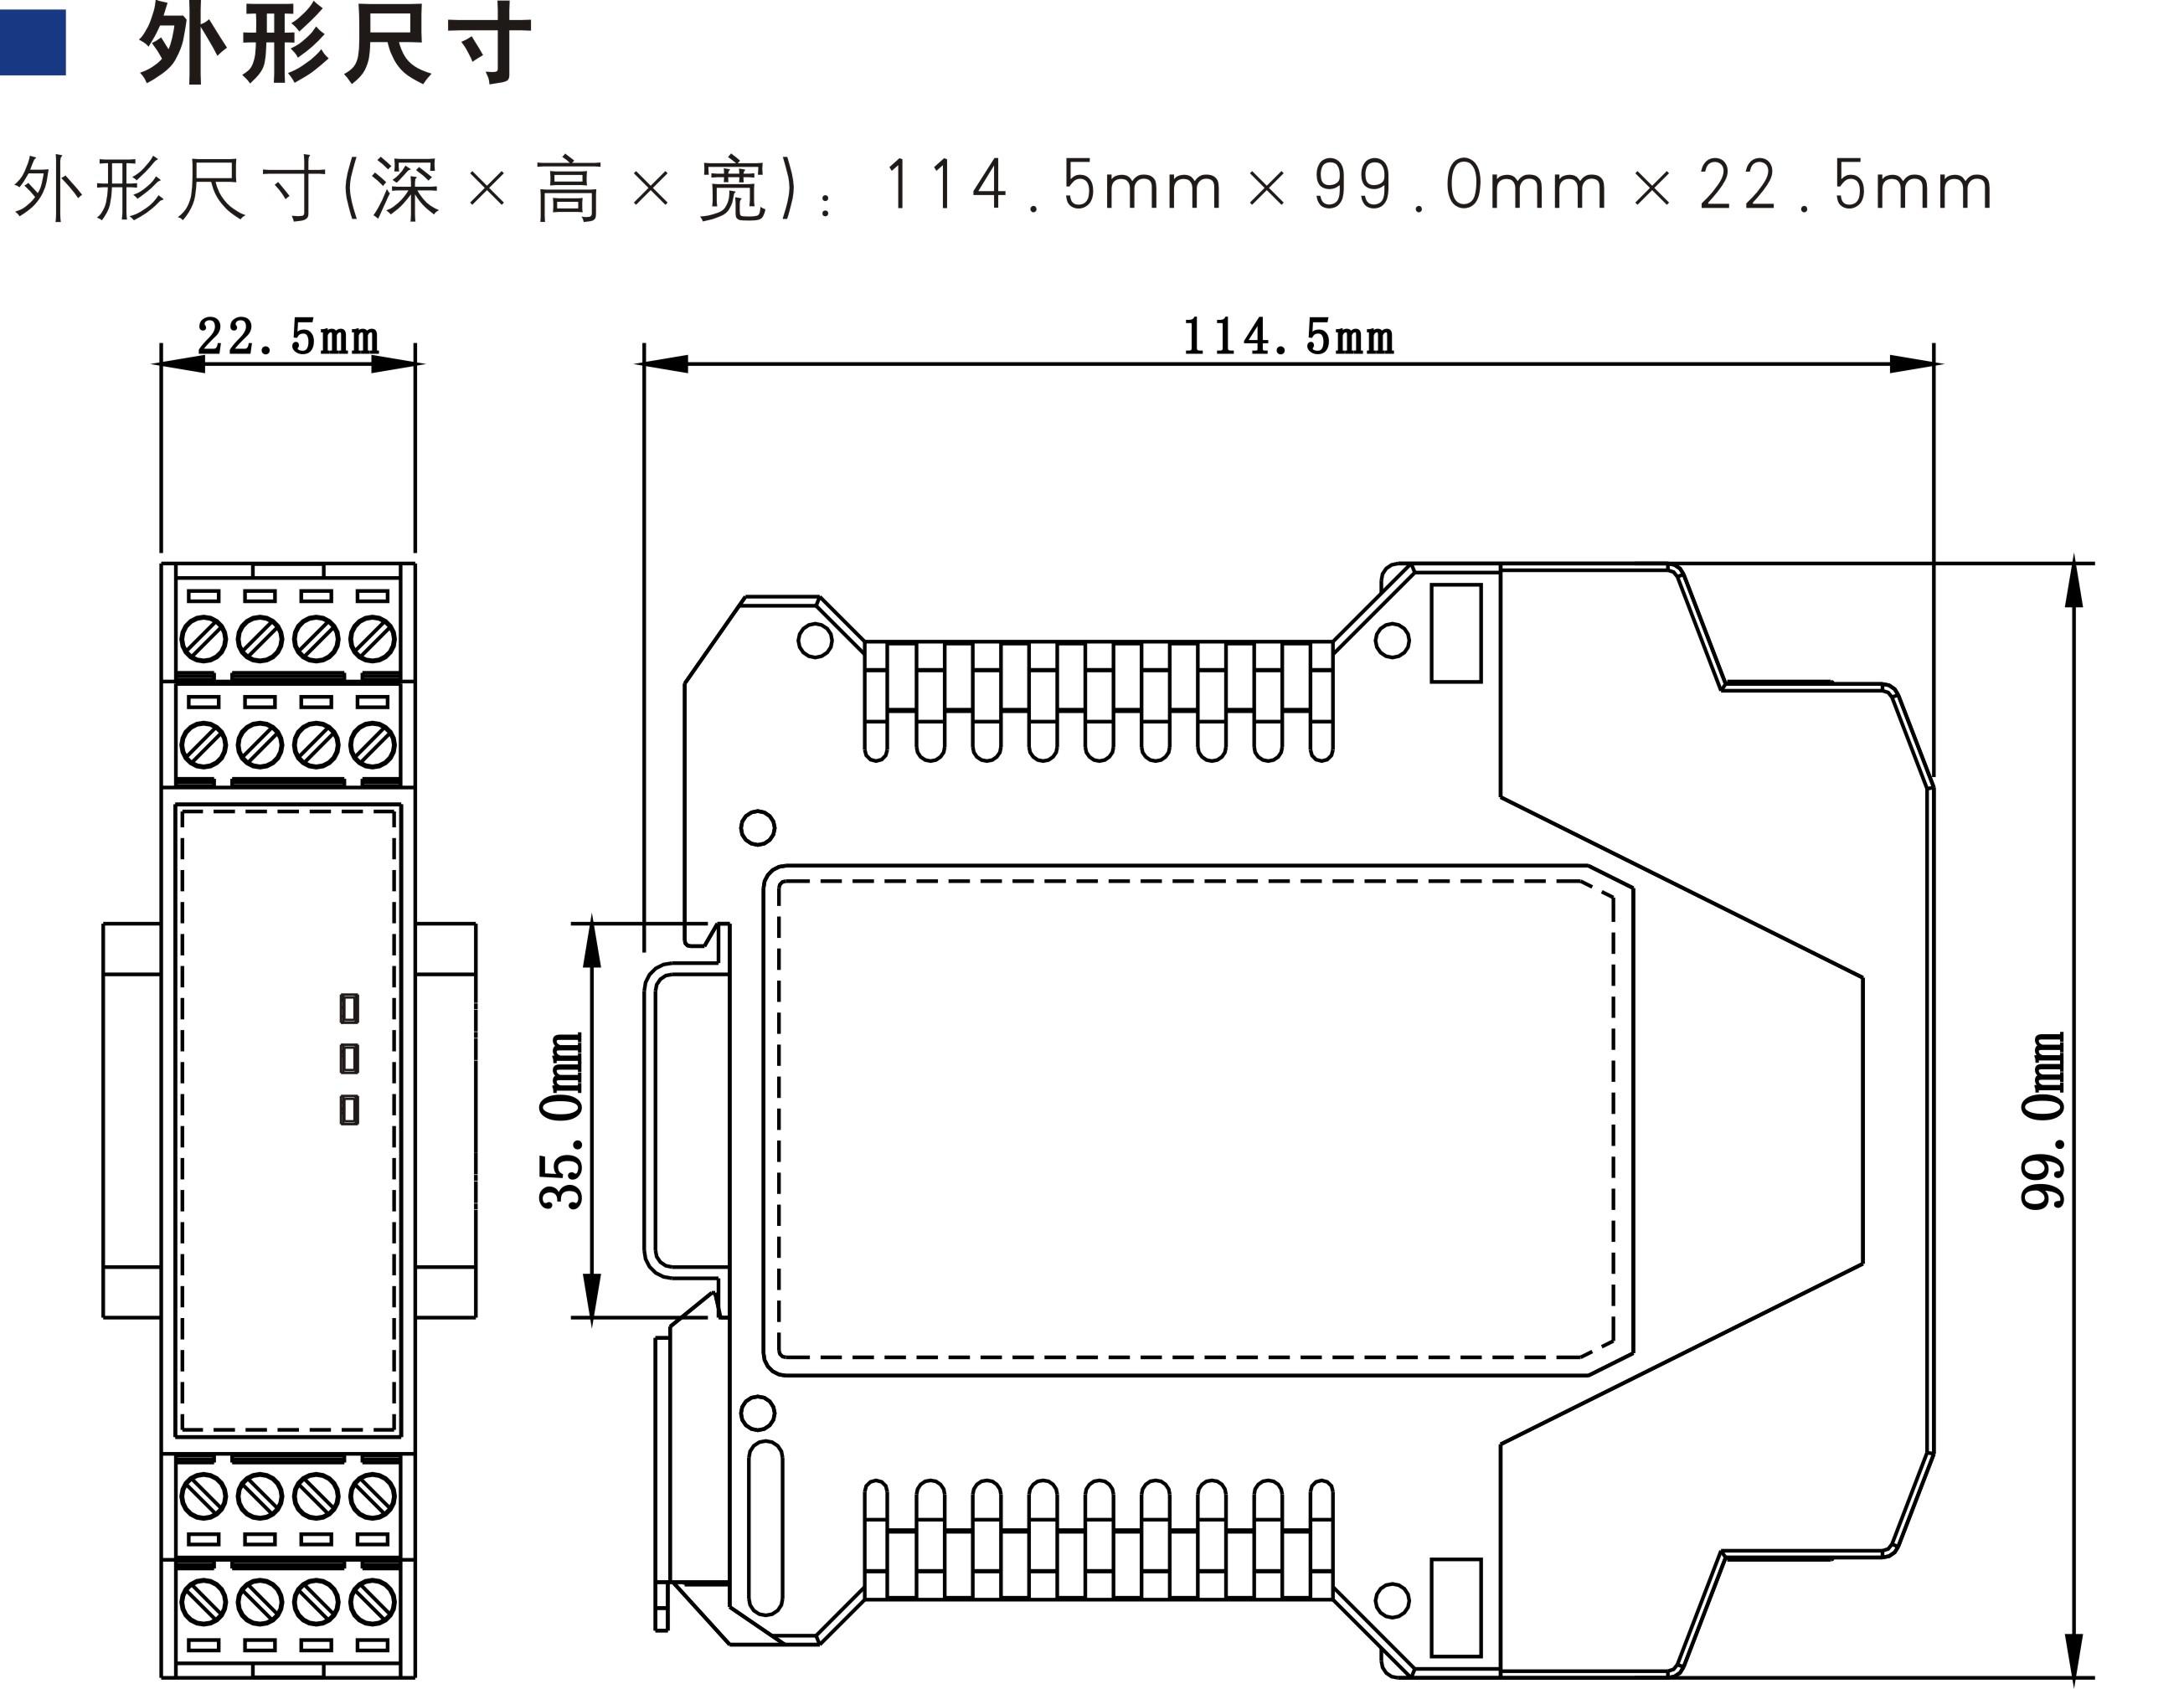 开关型安全设备输入 (四线制安全地毯 24V DC/AC 2NO+2NC 受监控的手动复位)